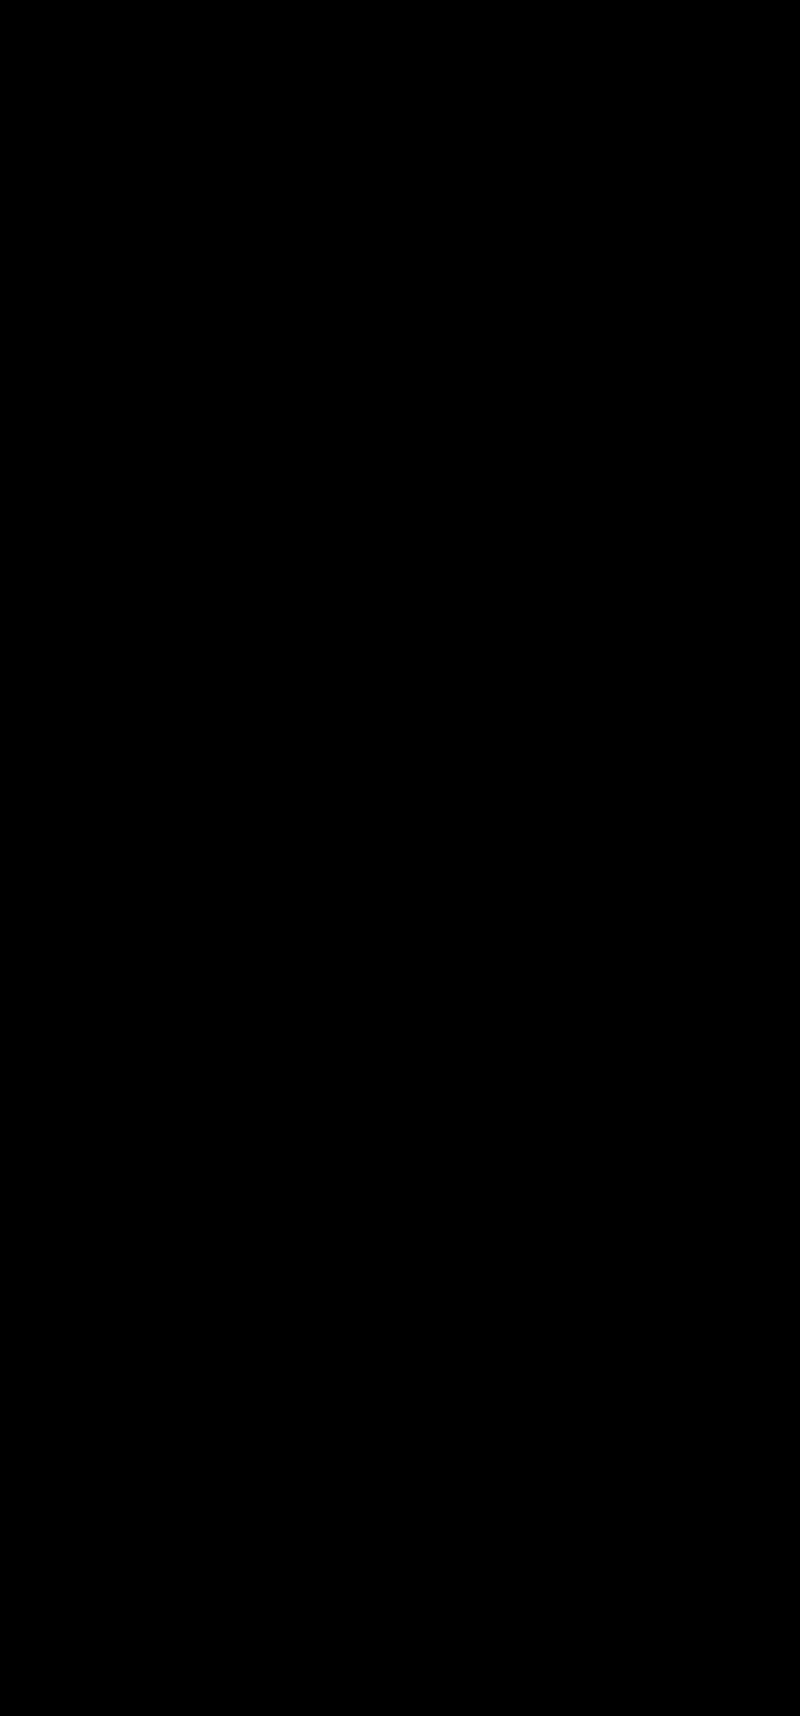 Disco Silhouette Clip Art